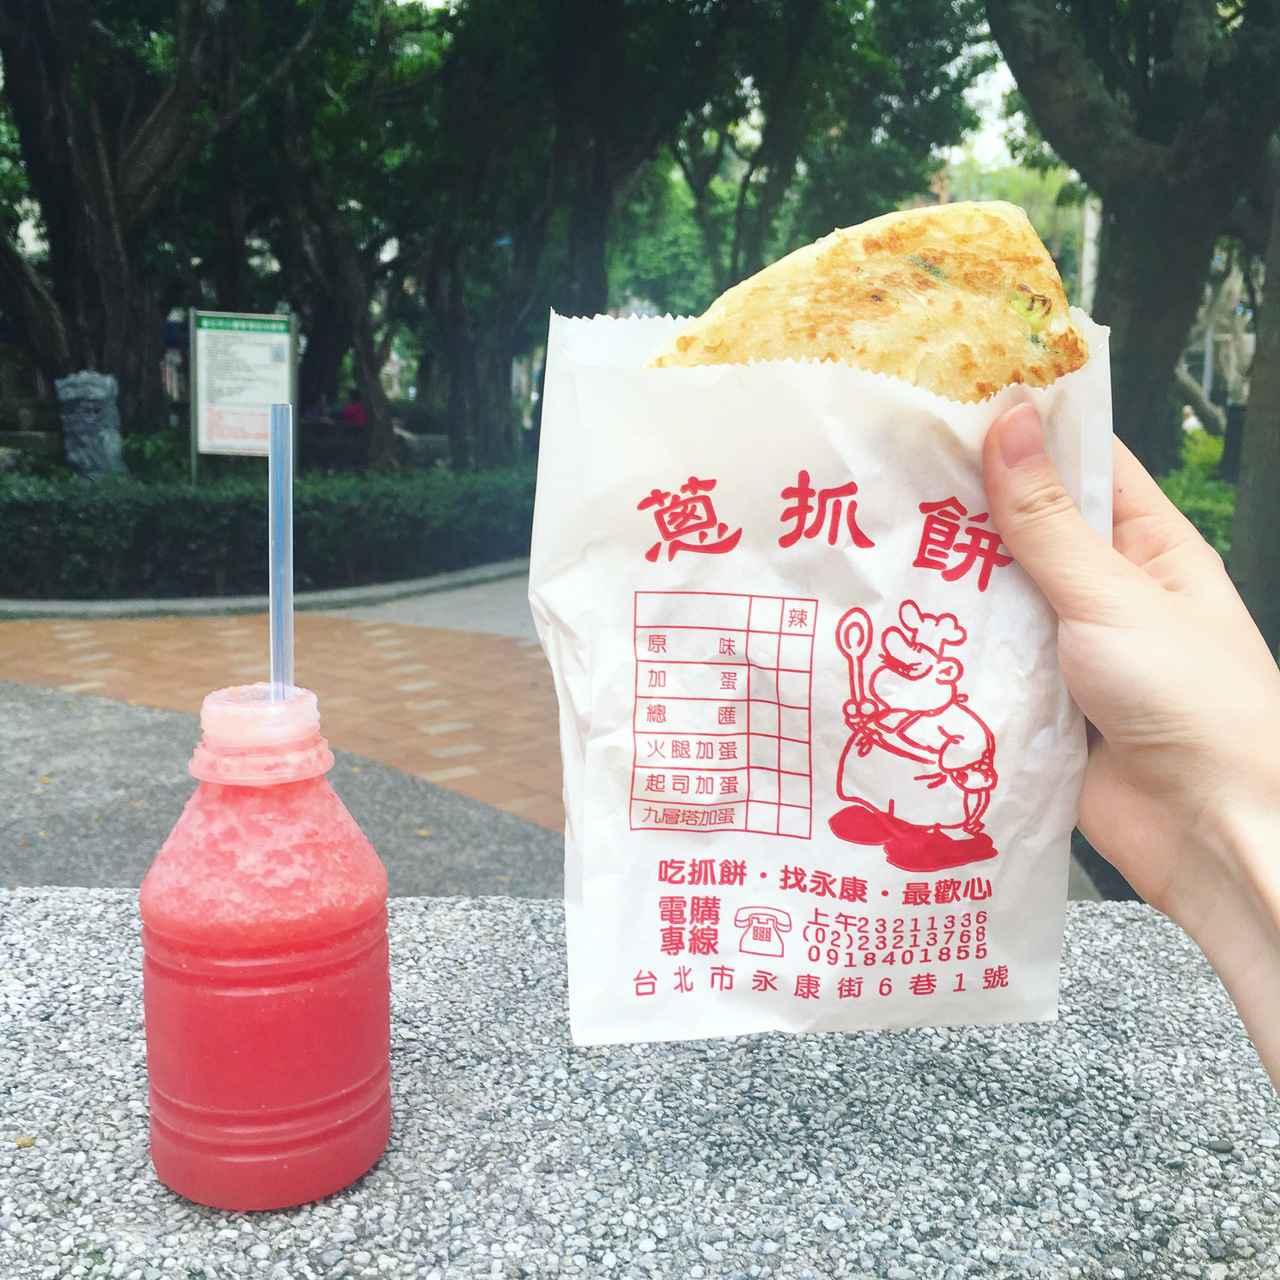 画像5: フードエッセイスト・平野紗季子の「また食べたい、旅の朝ごはん」